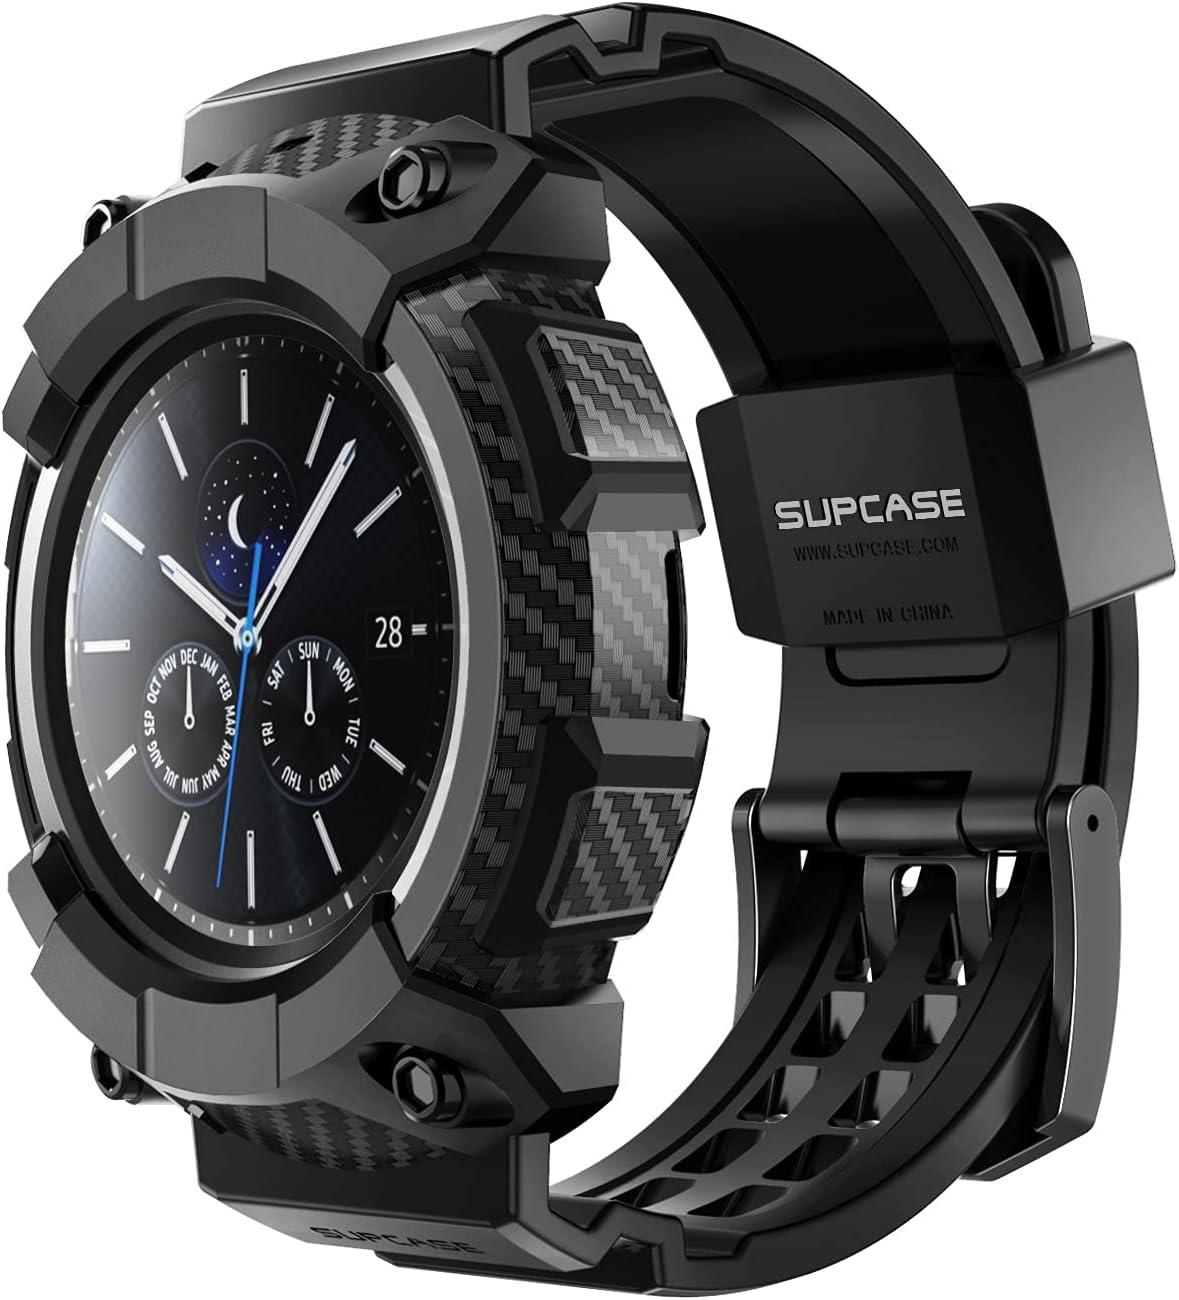 SupCase Funda Galaxy Watch Active 3 45mm [Unicorn Beetle Pro] Cubierta Protectora y Bandas de Correa Compatible con Samsung Galaxy Watch Active 3 45mm (Negro)